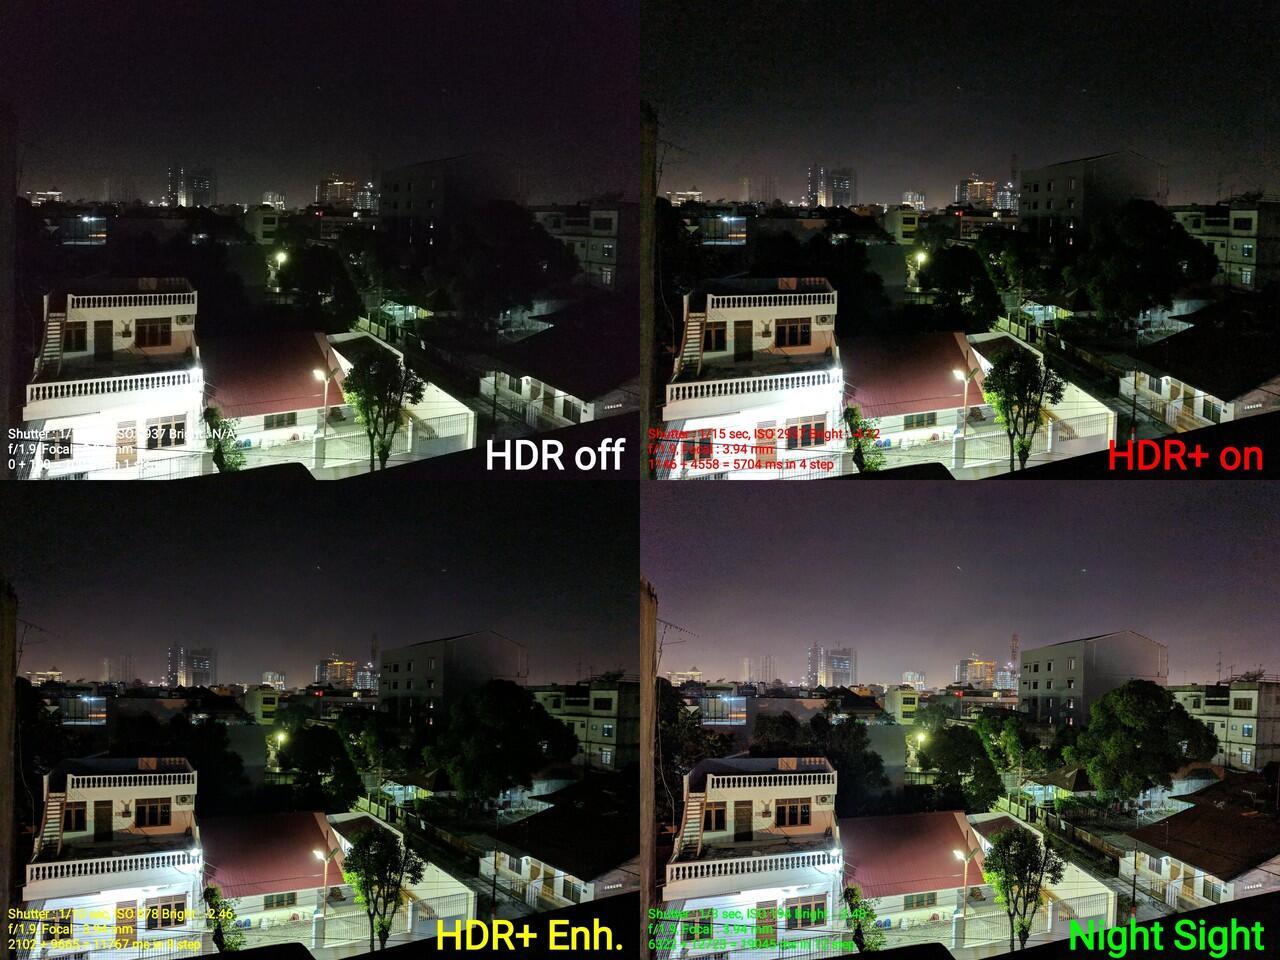 750 Gambar Hitam Putih Hdr HD Terbaru